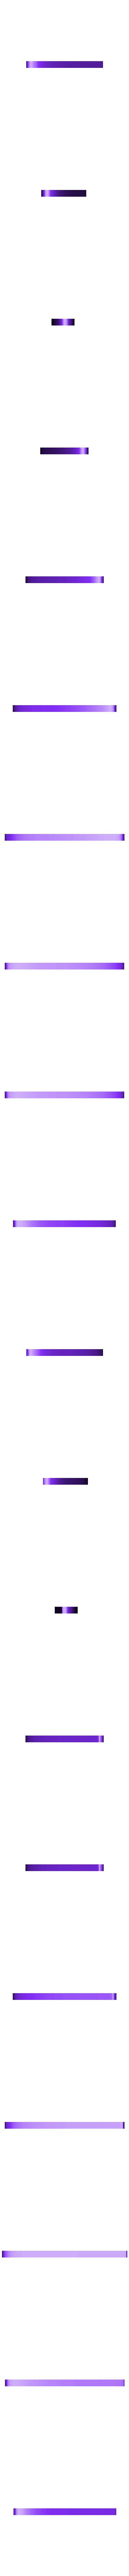 Red_7.stl Download free STL file Coca Cola sign Dual color • 3D printer template, B2TM